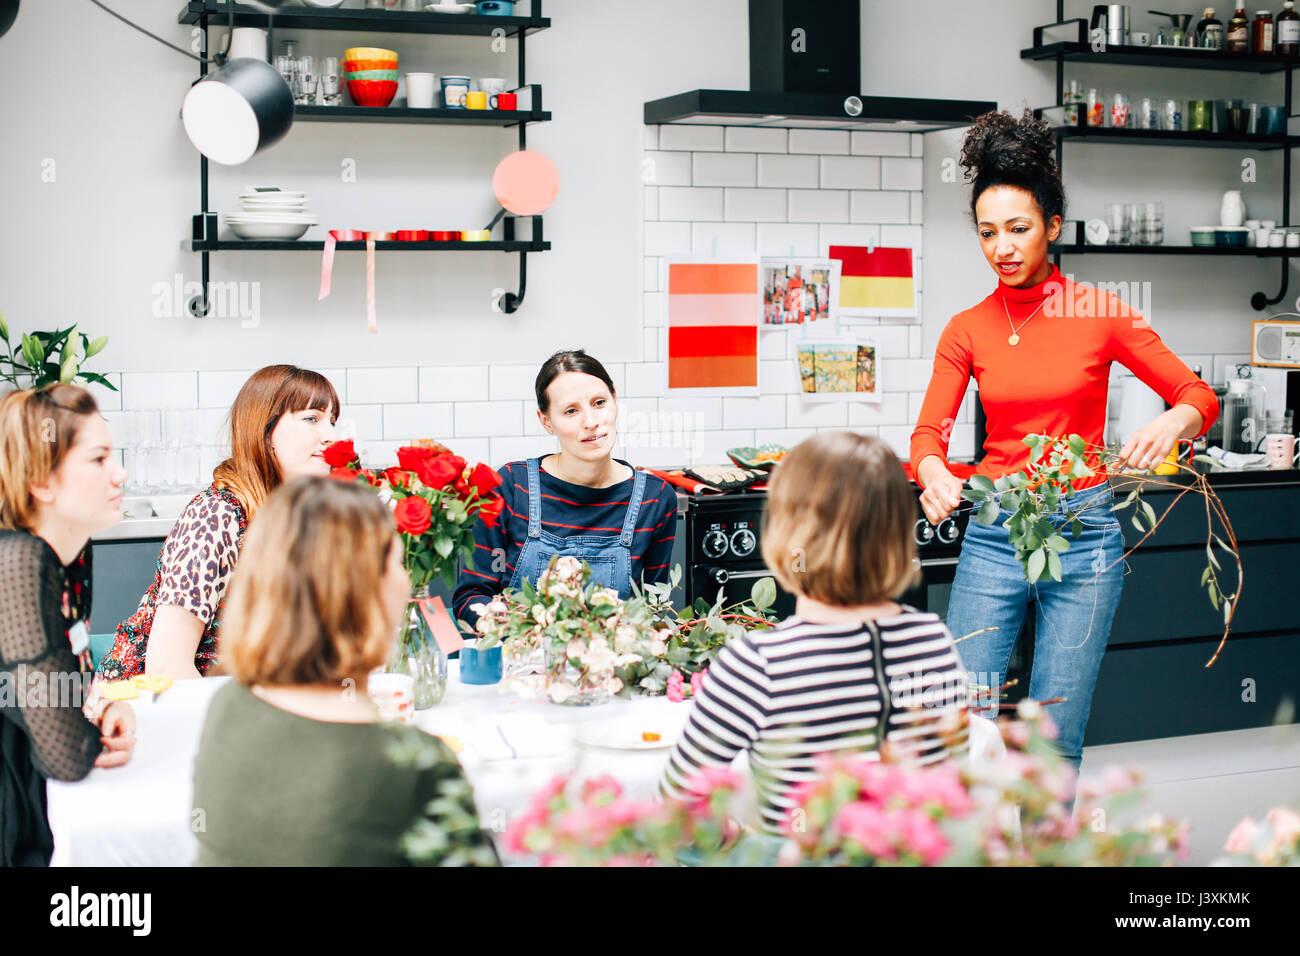 Fioraio insegnando agli studenti in fiore organizzando workshop Immagini Stock